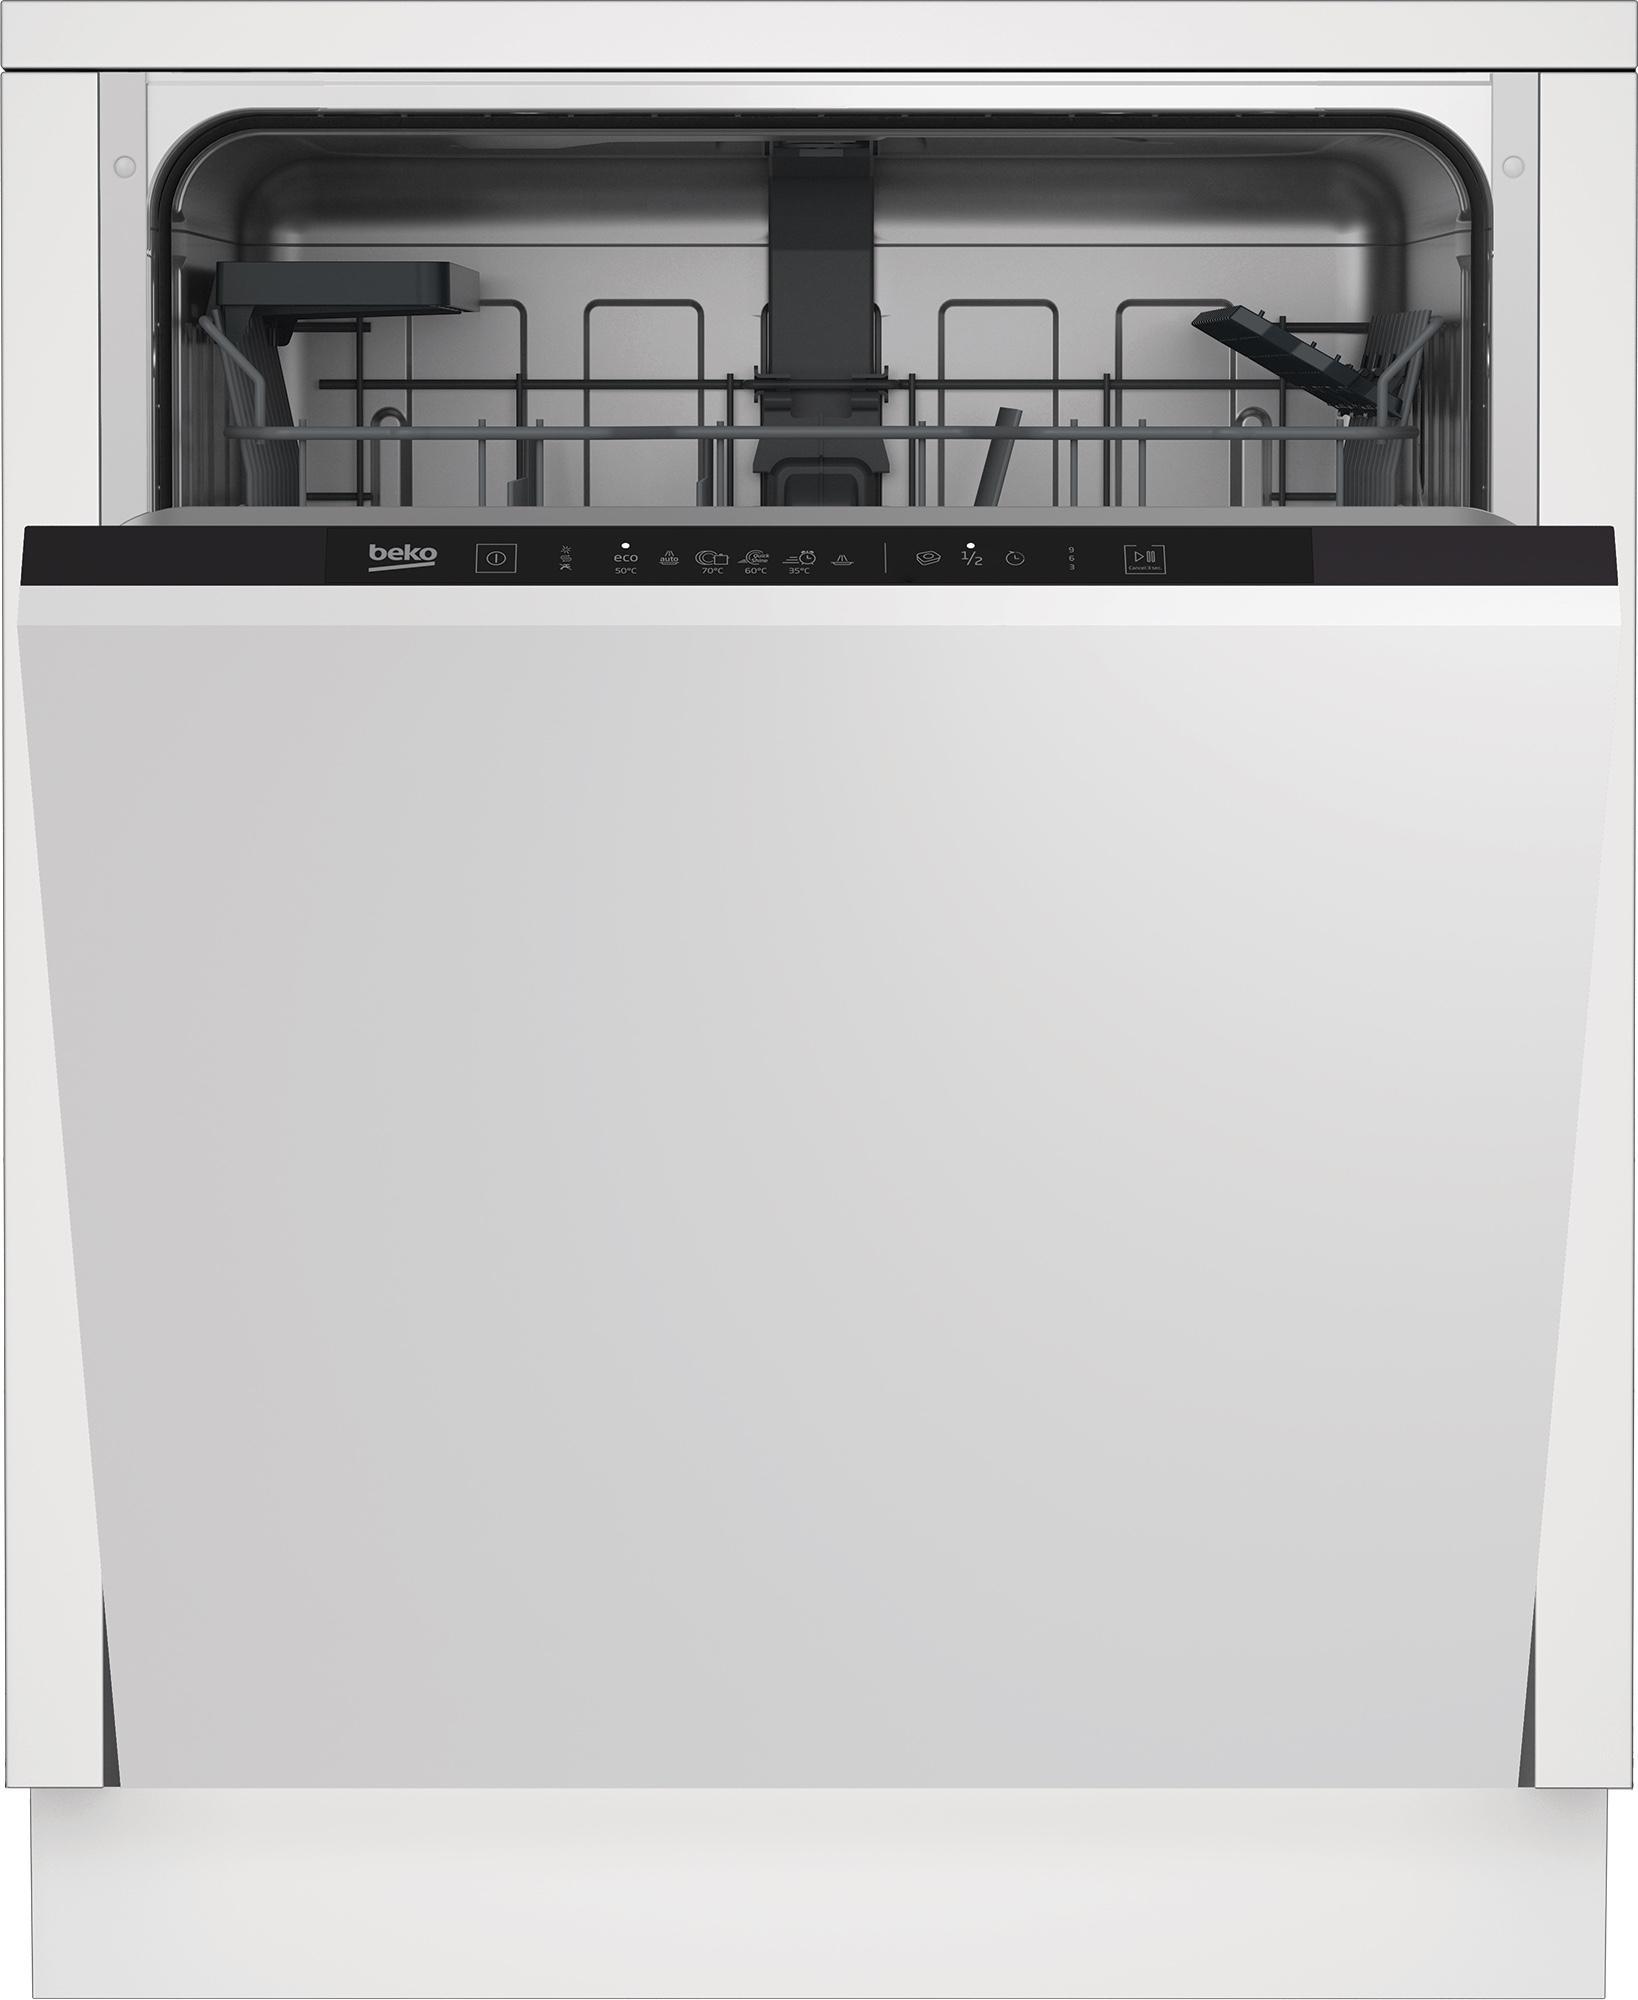 beko din36430 lavastoviglie da incasso scomparsa totale 14 coperti d